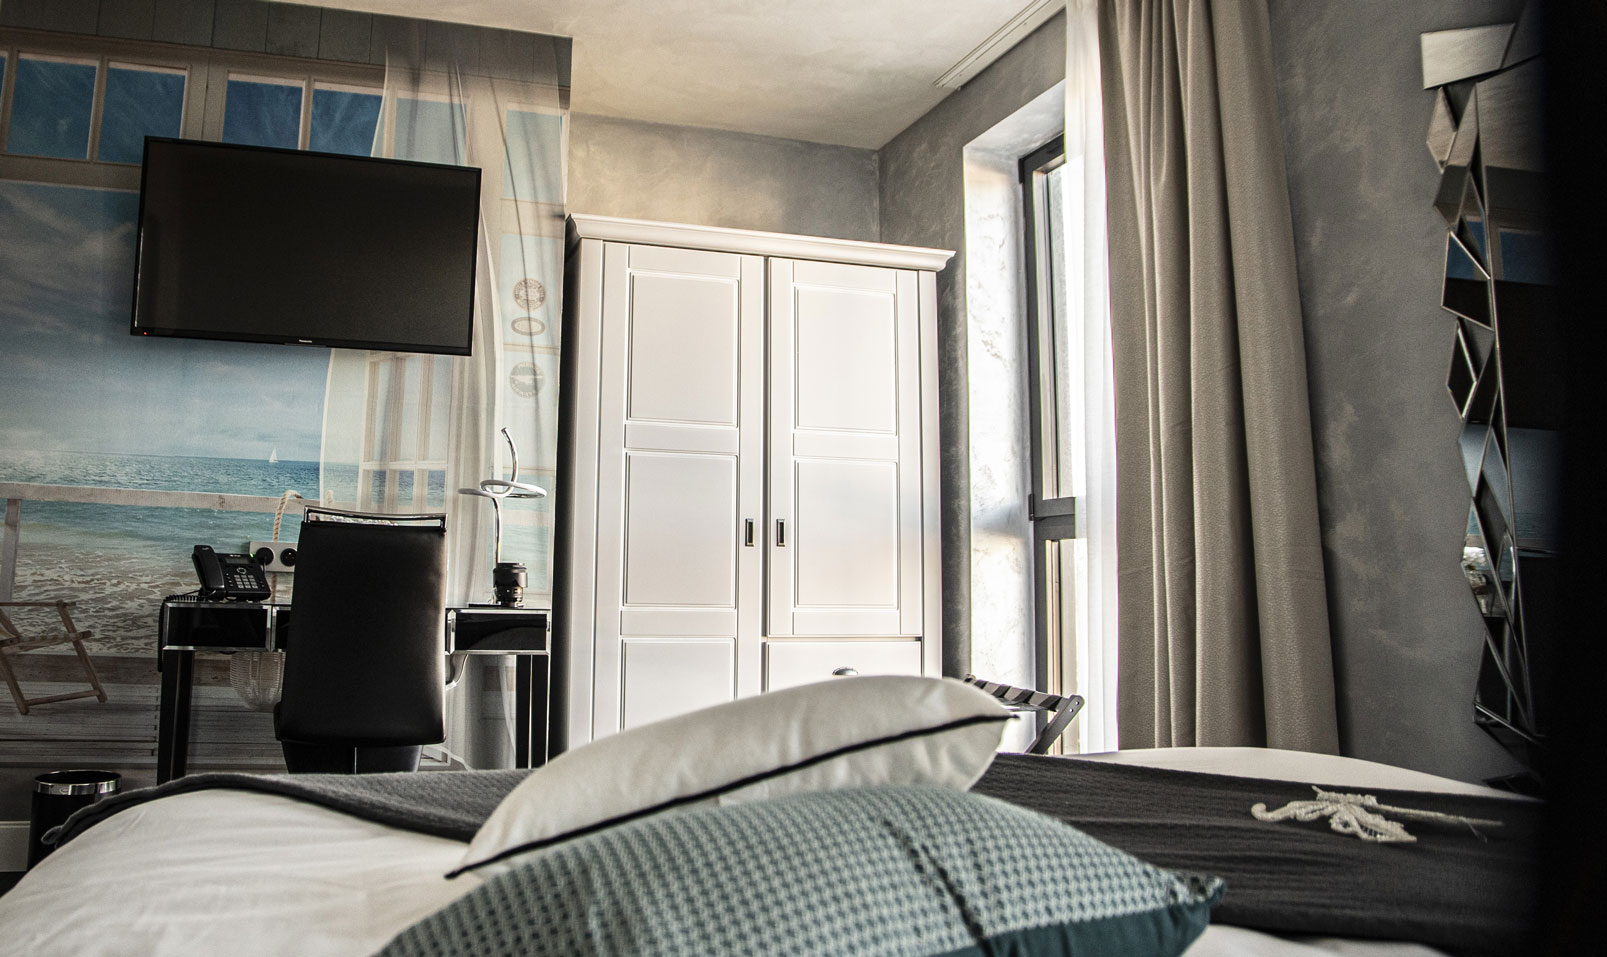 Chambre standard armoire television | Amirauté Hôtel La Baule